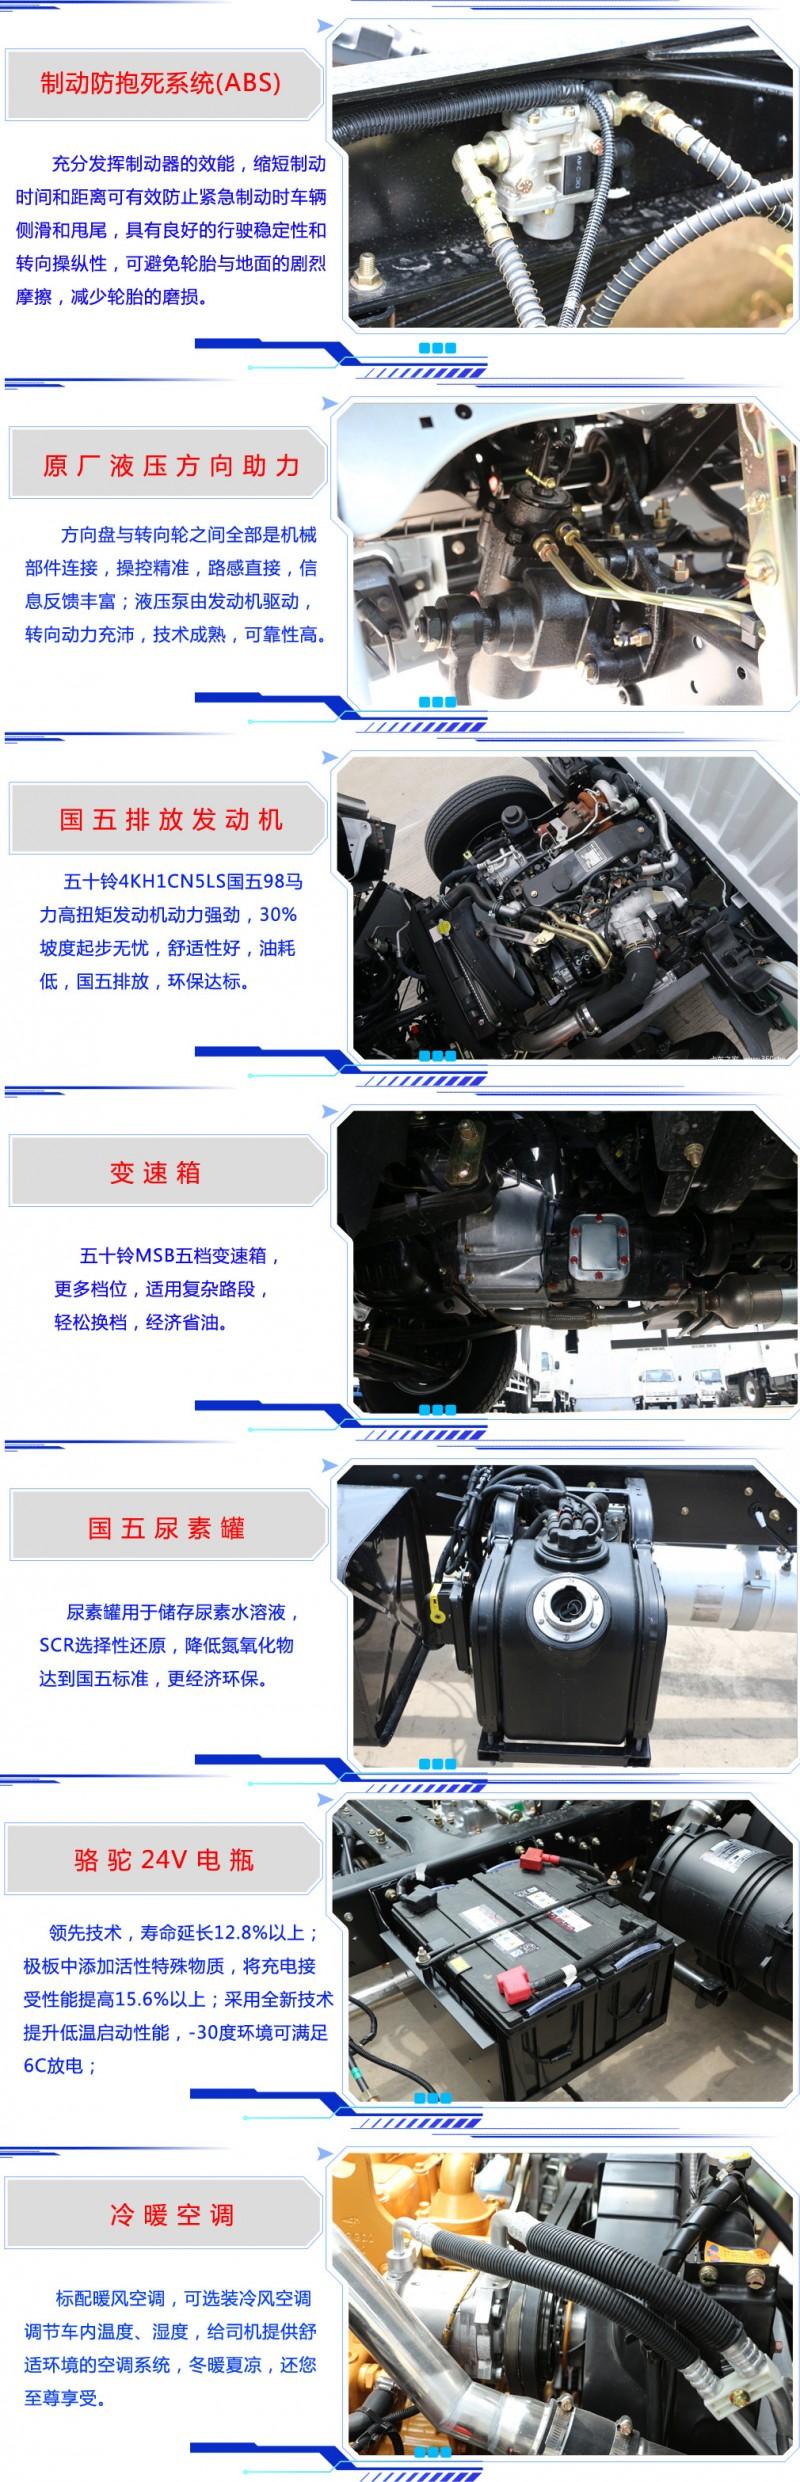 江淮5.6米平板清障车 底盘细节